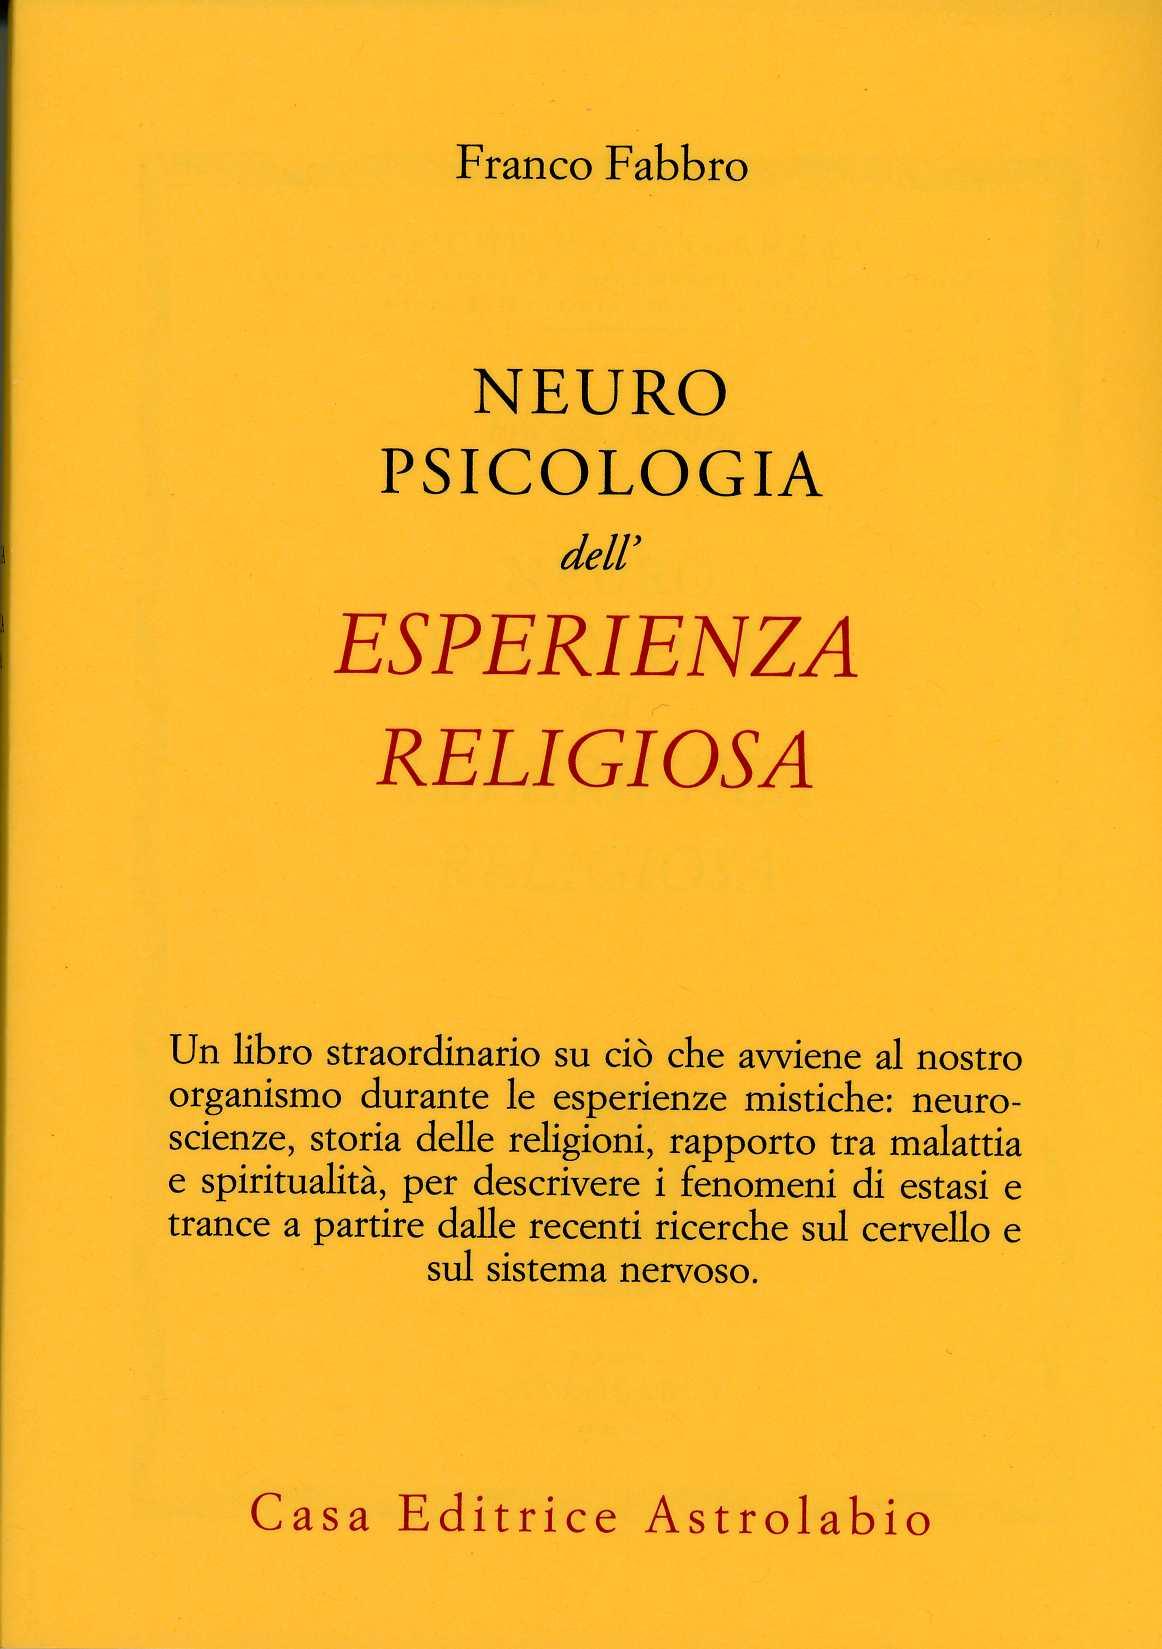 Neuropsicologia dell'esperienza religiosa